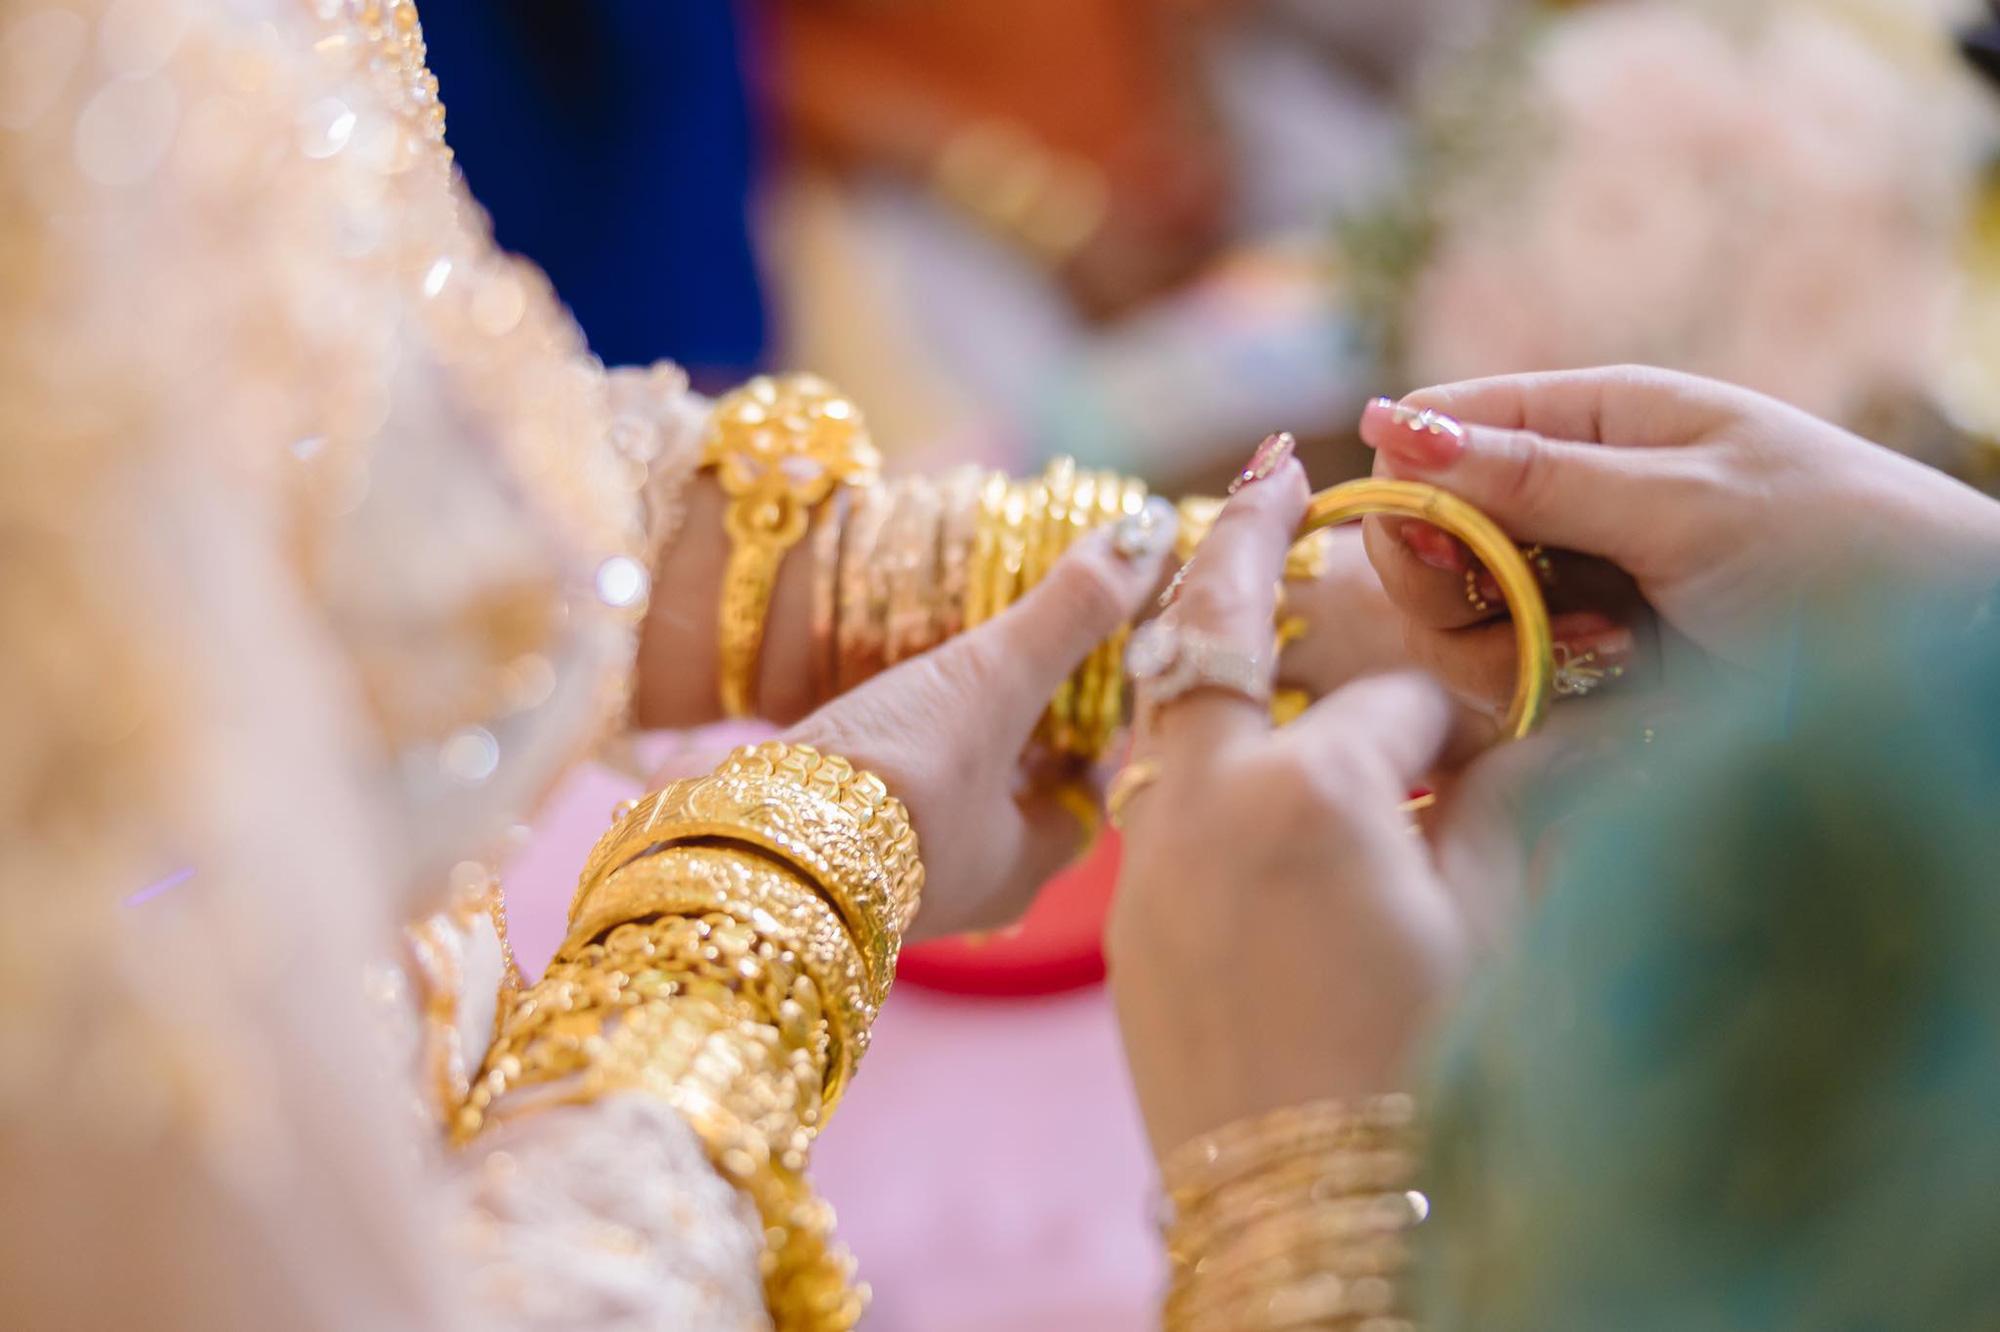 Cô dâu 18 tuổi được tặng 20 cây vàng đeo trĩu người gây bão: Tiết lộ thêm về khoản tiền mặt bố mẹ chồng cho thêm ở đám cưới! 4